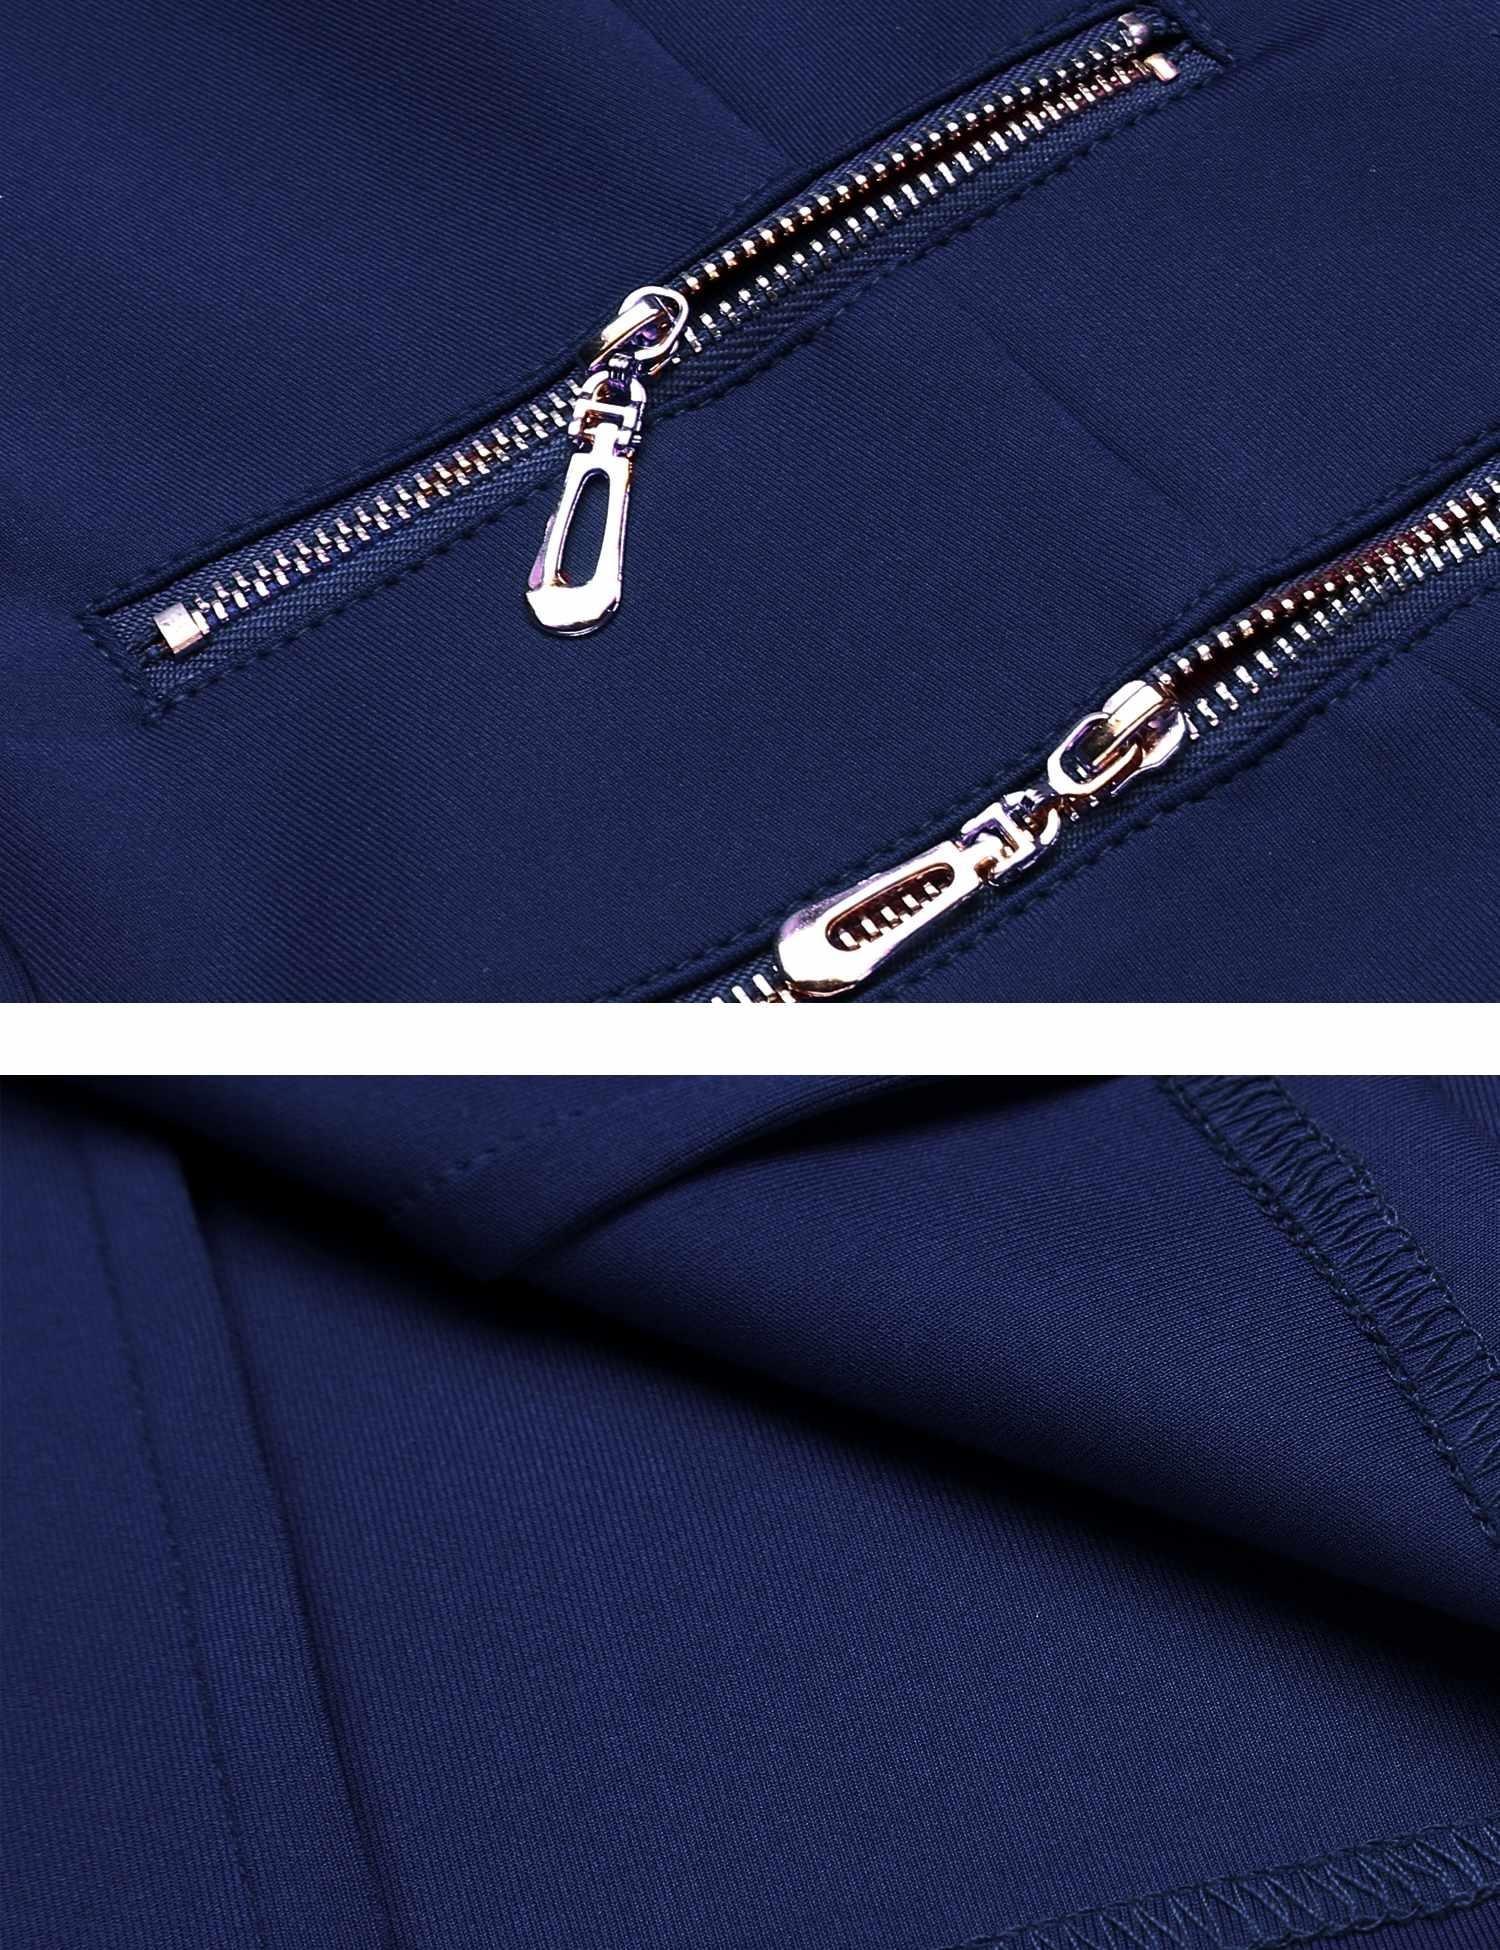 Zeagoo Women's Casual Zipper Cardigan Blazer O Neck Slim Fitted Office Jacket (L, Navy Blue) by Zeagoo (Image #7)